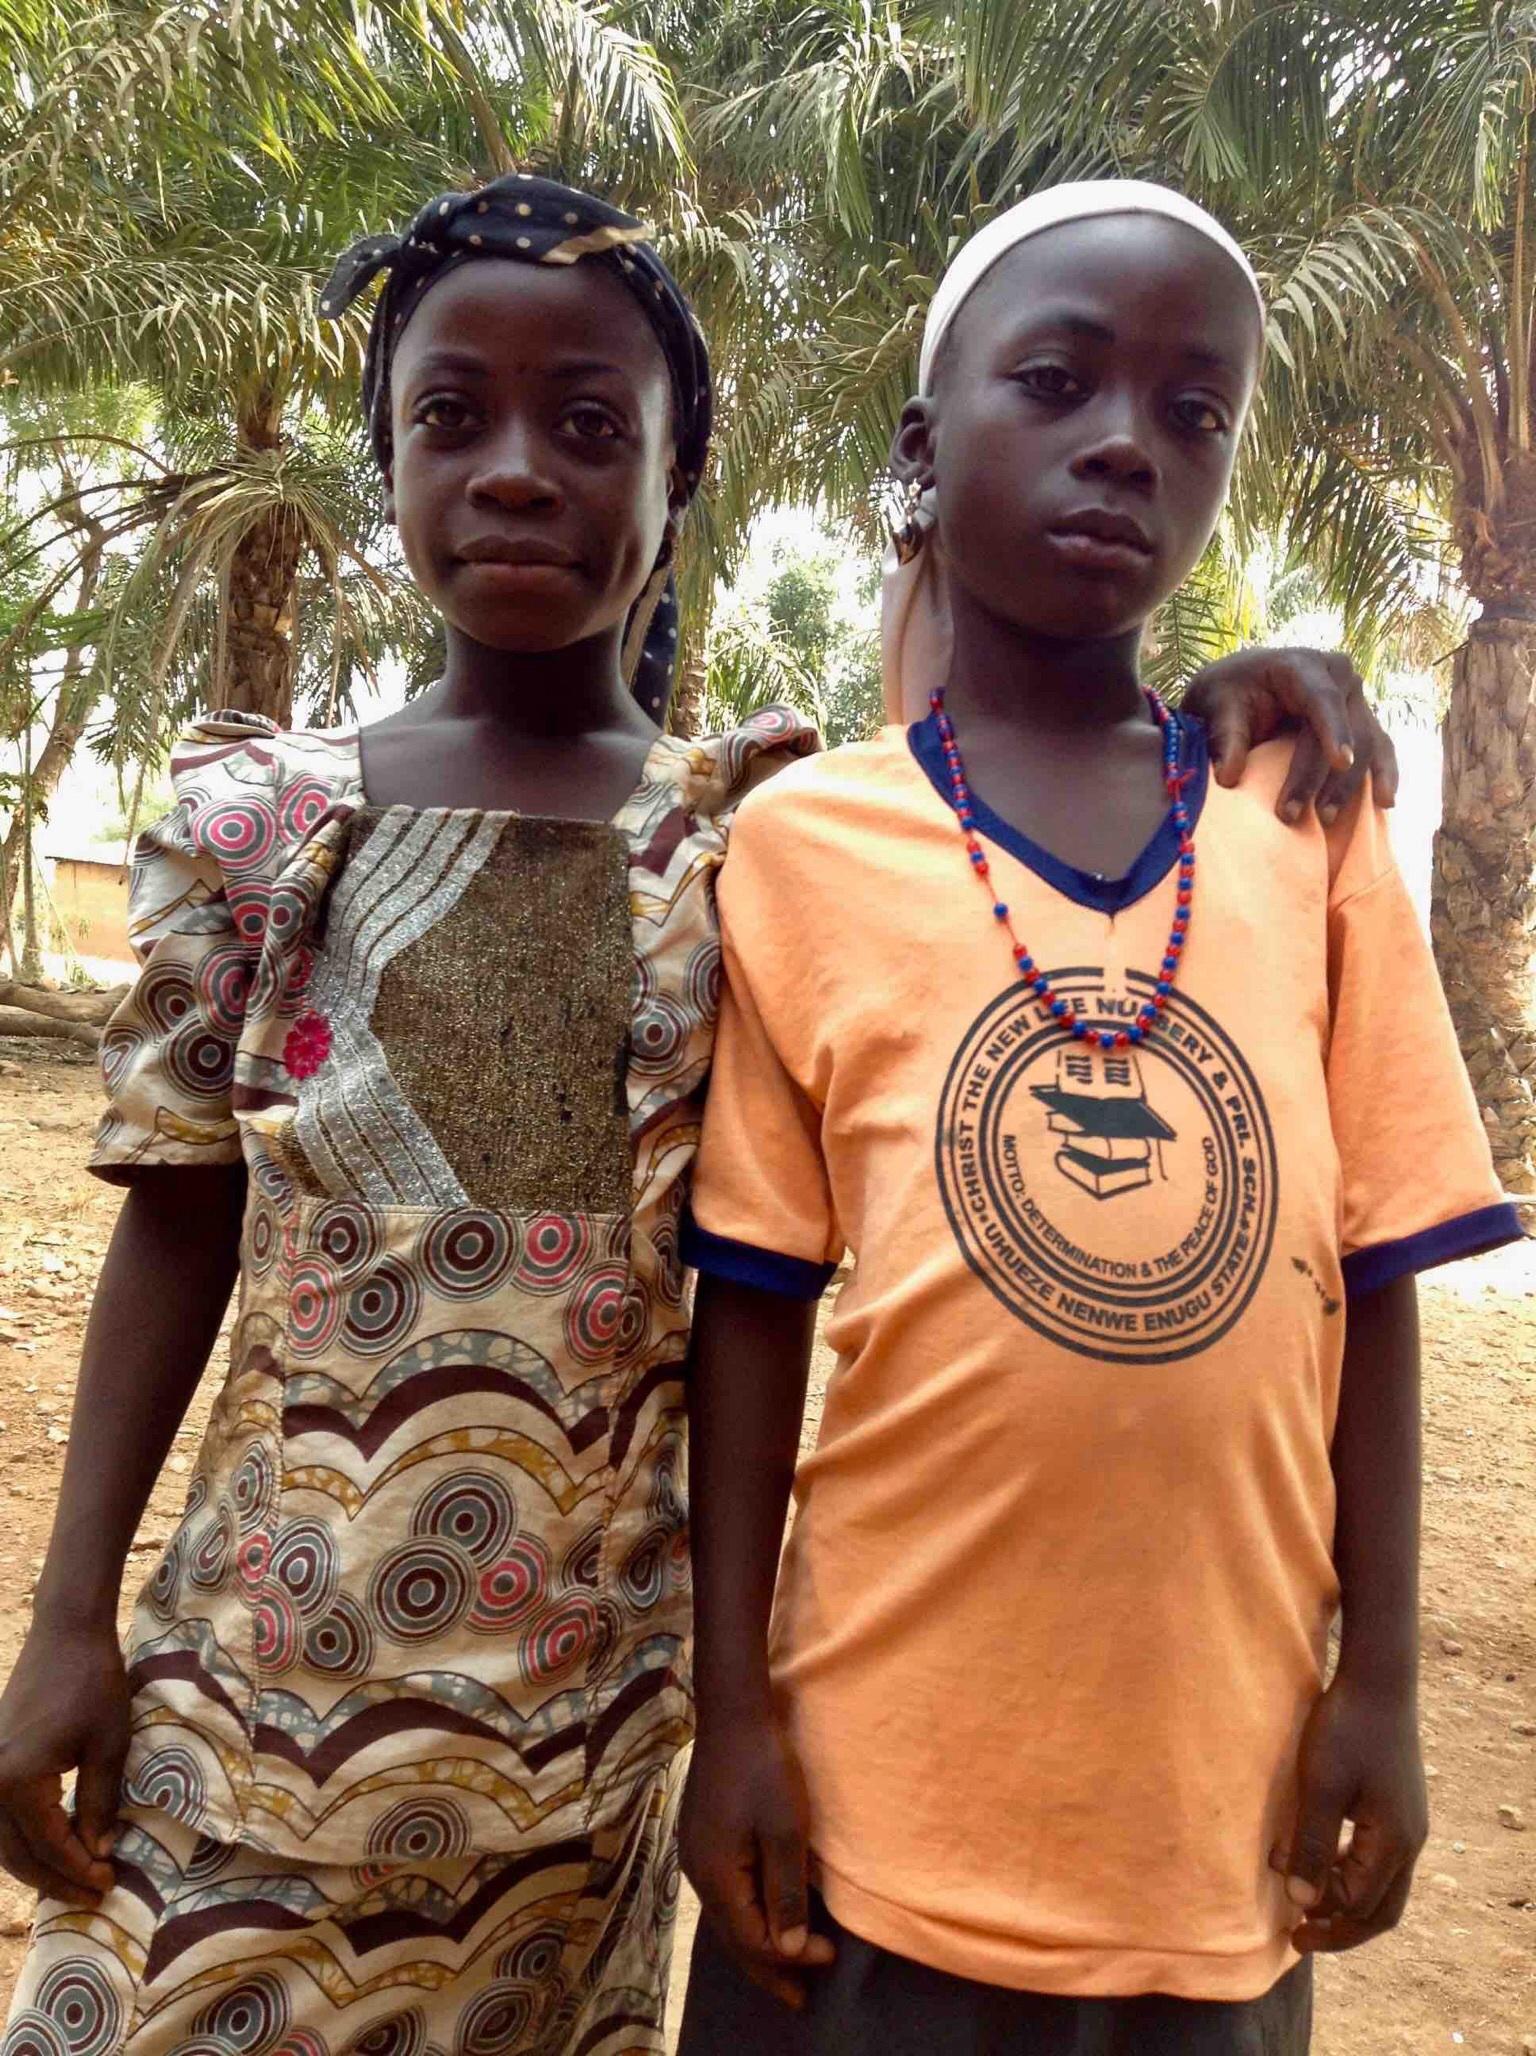 Eggon sisters in Langa Langa Village, Nasarawa State, Nigeria. #JujuFilms